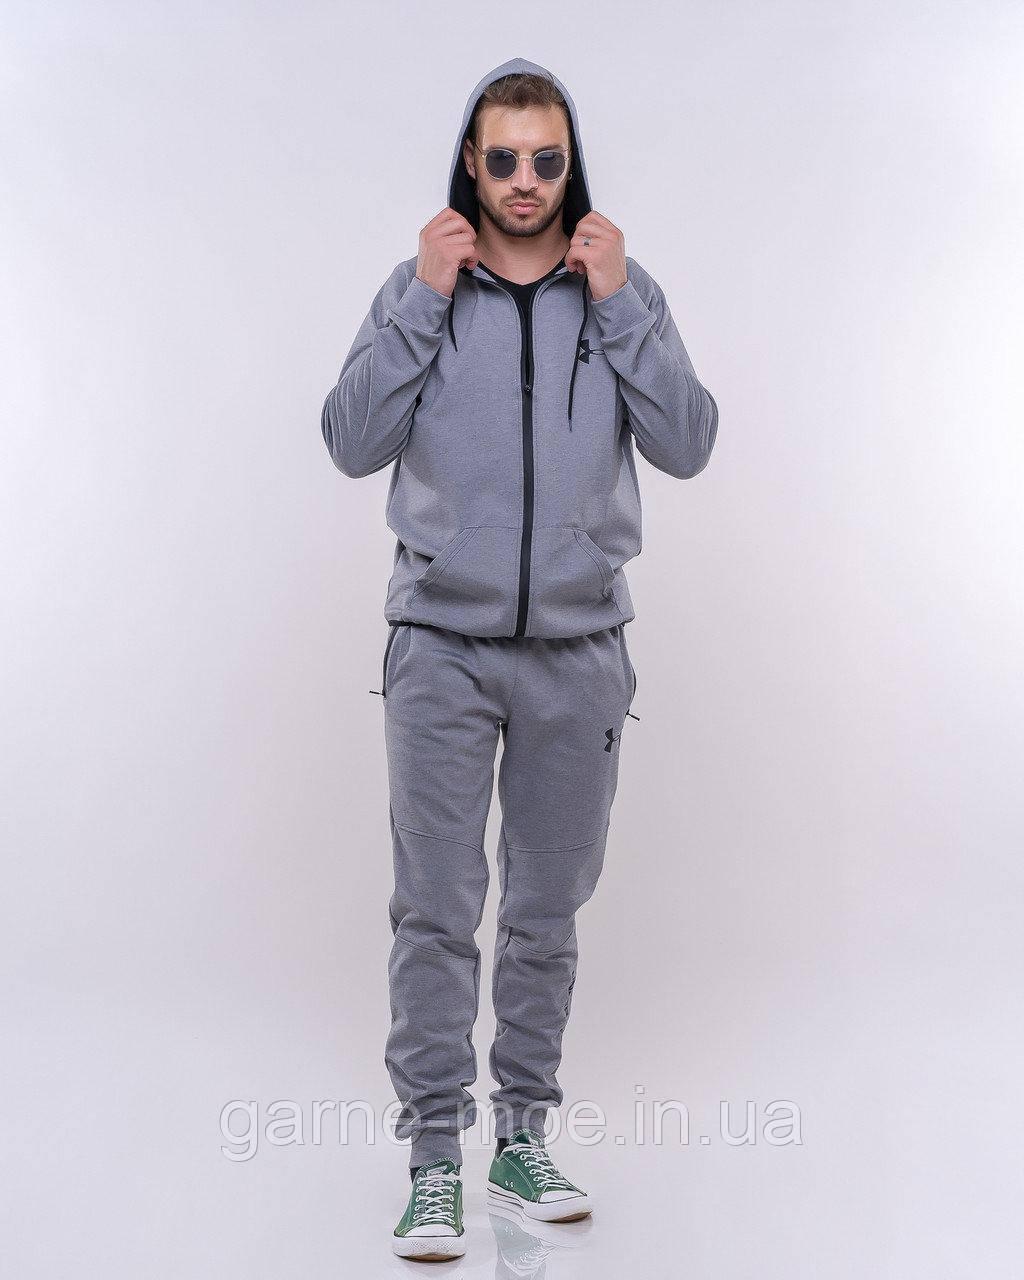 РУ11232 Мужской  термо спортивный костюм UNDER ARMOUR